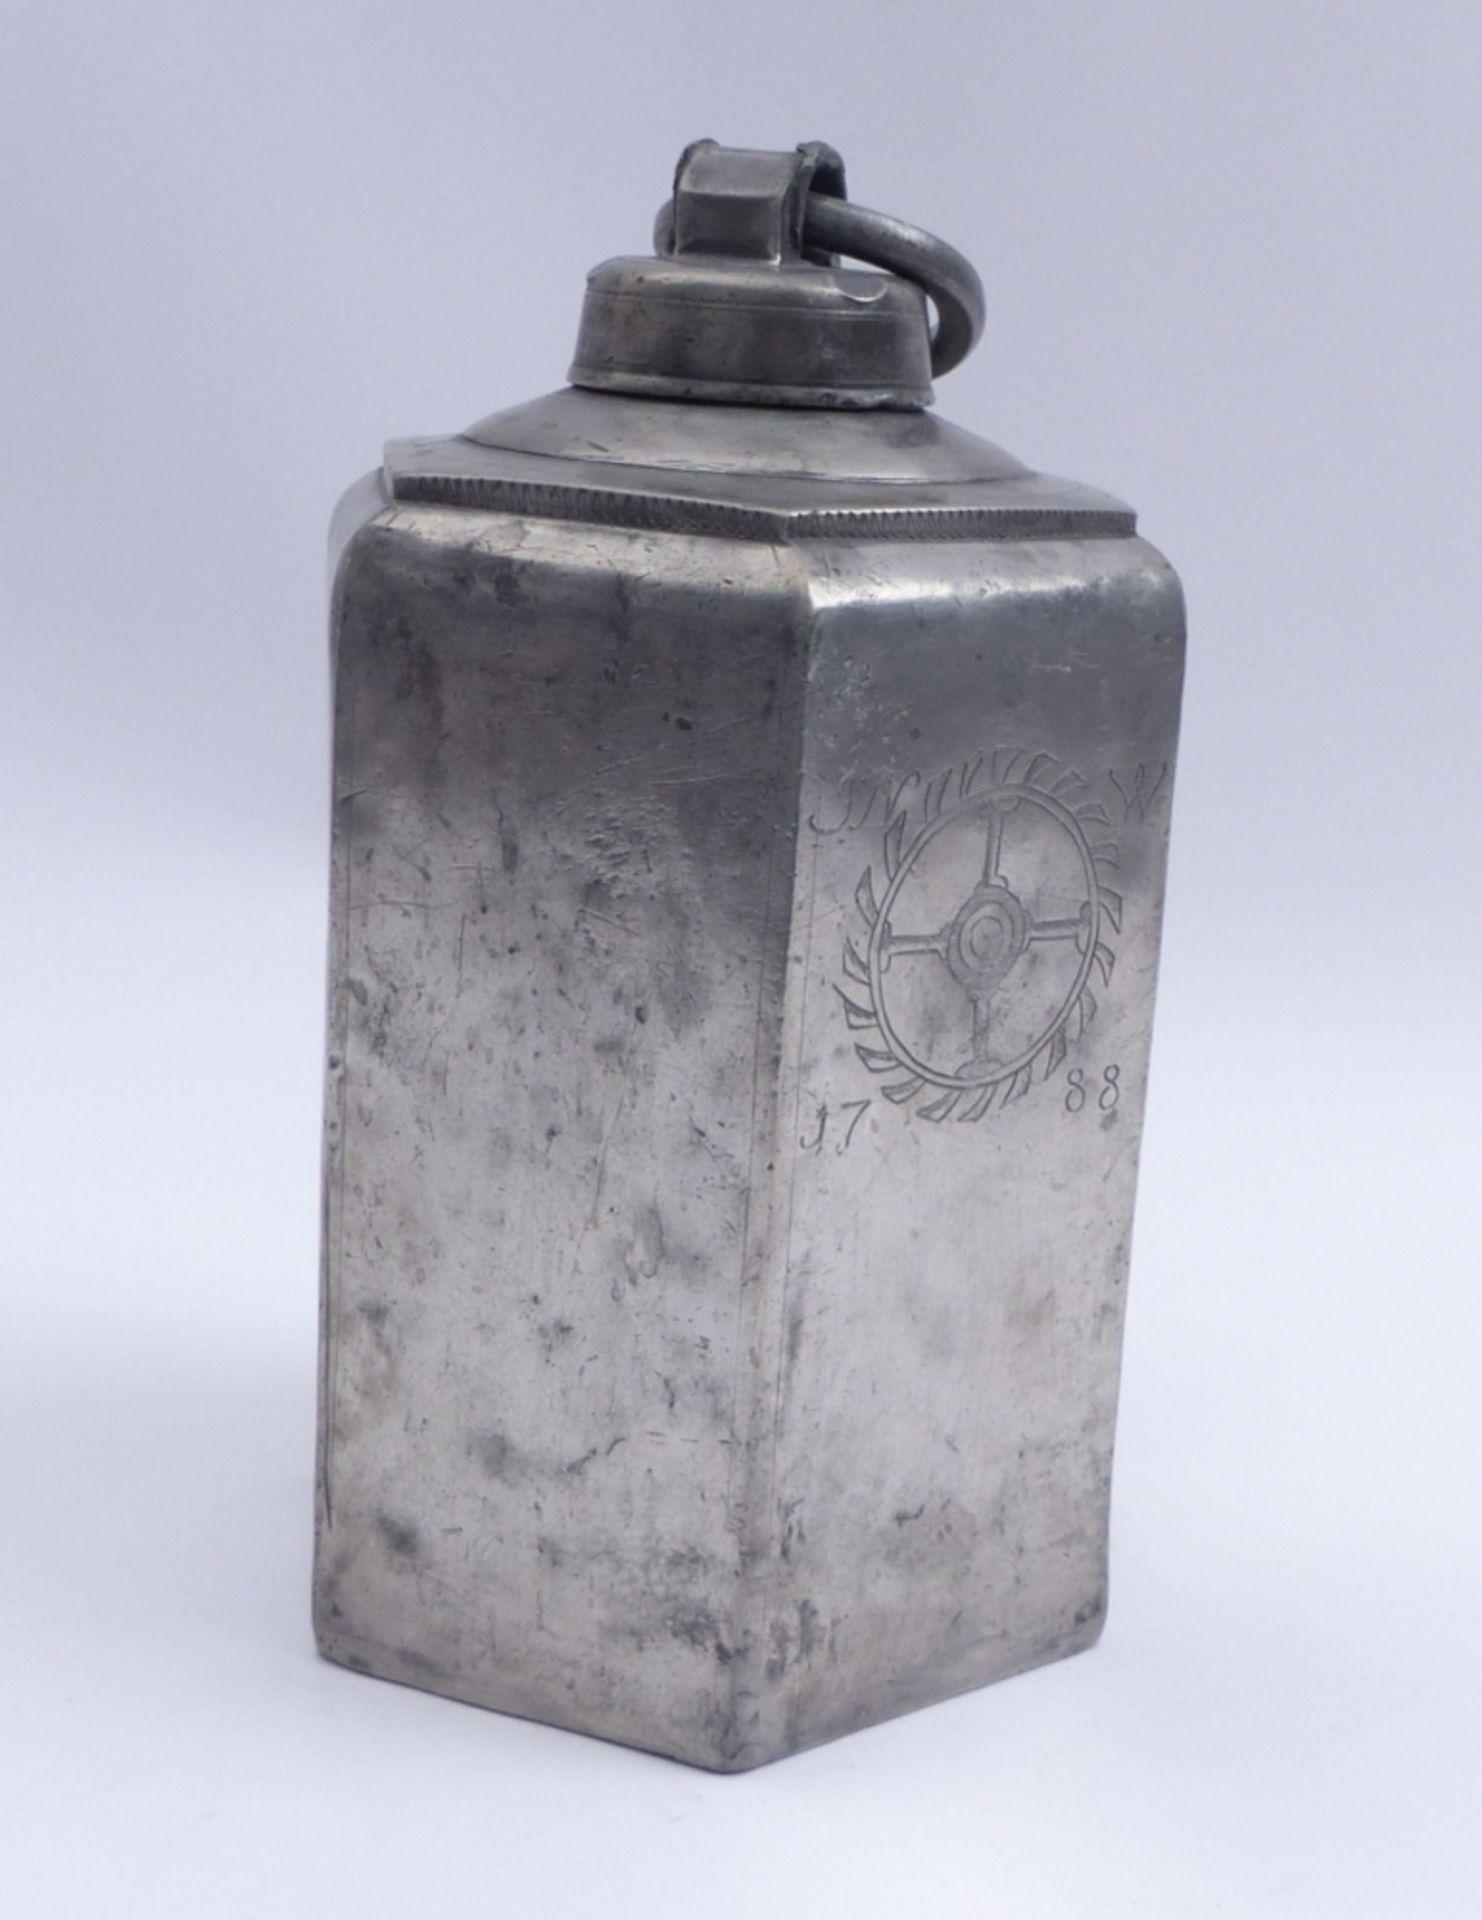 Große Schraubflasche - Bild 3 aus 4